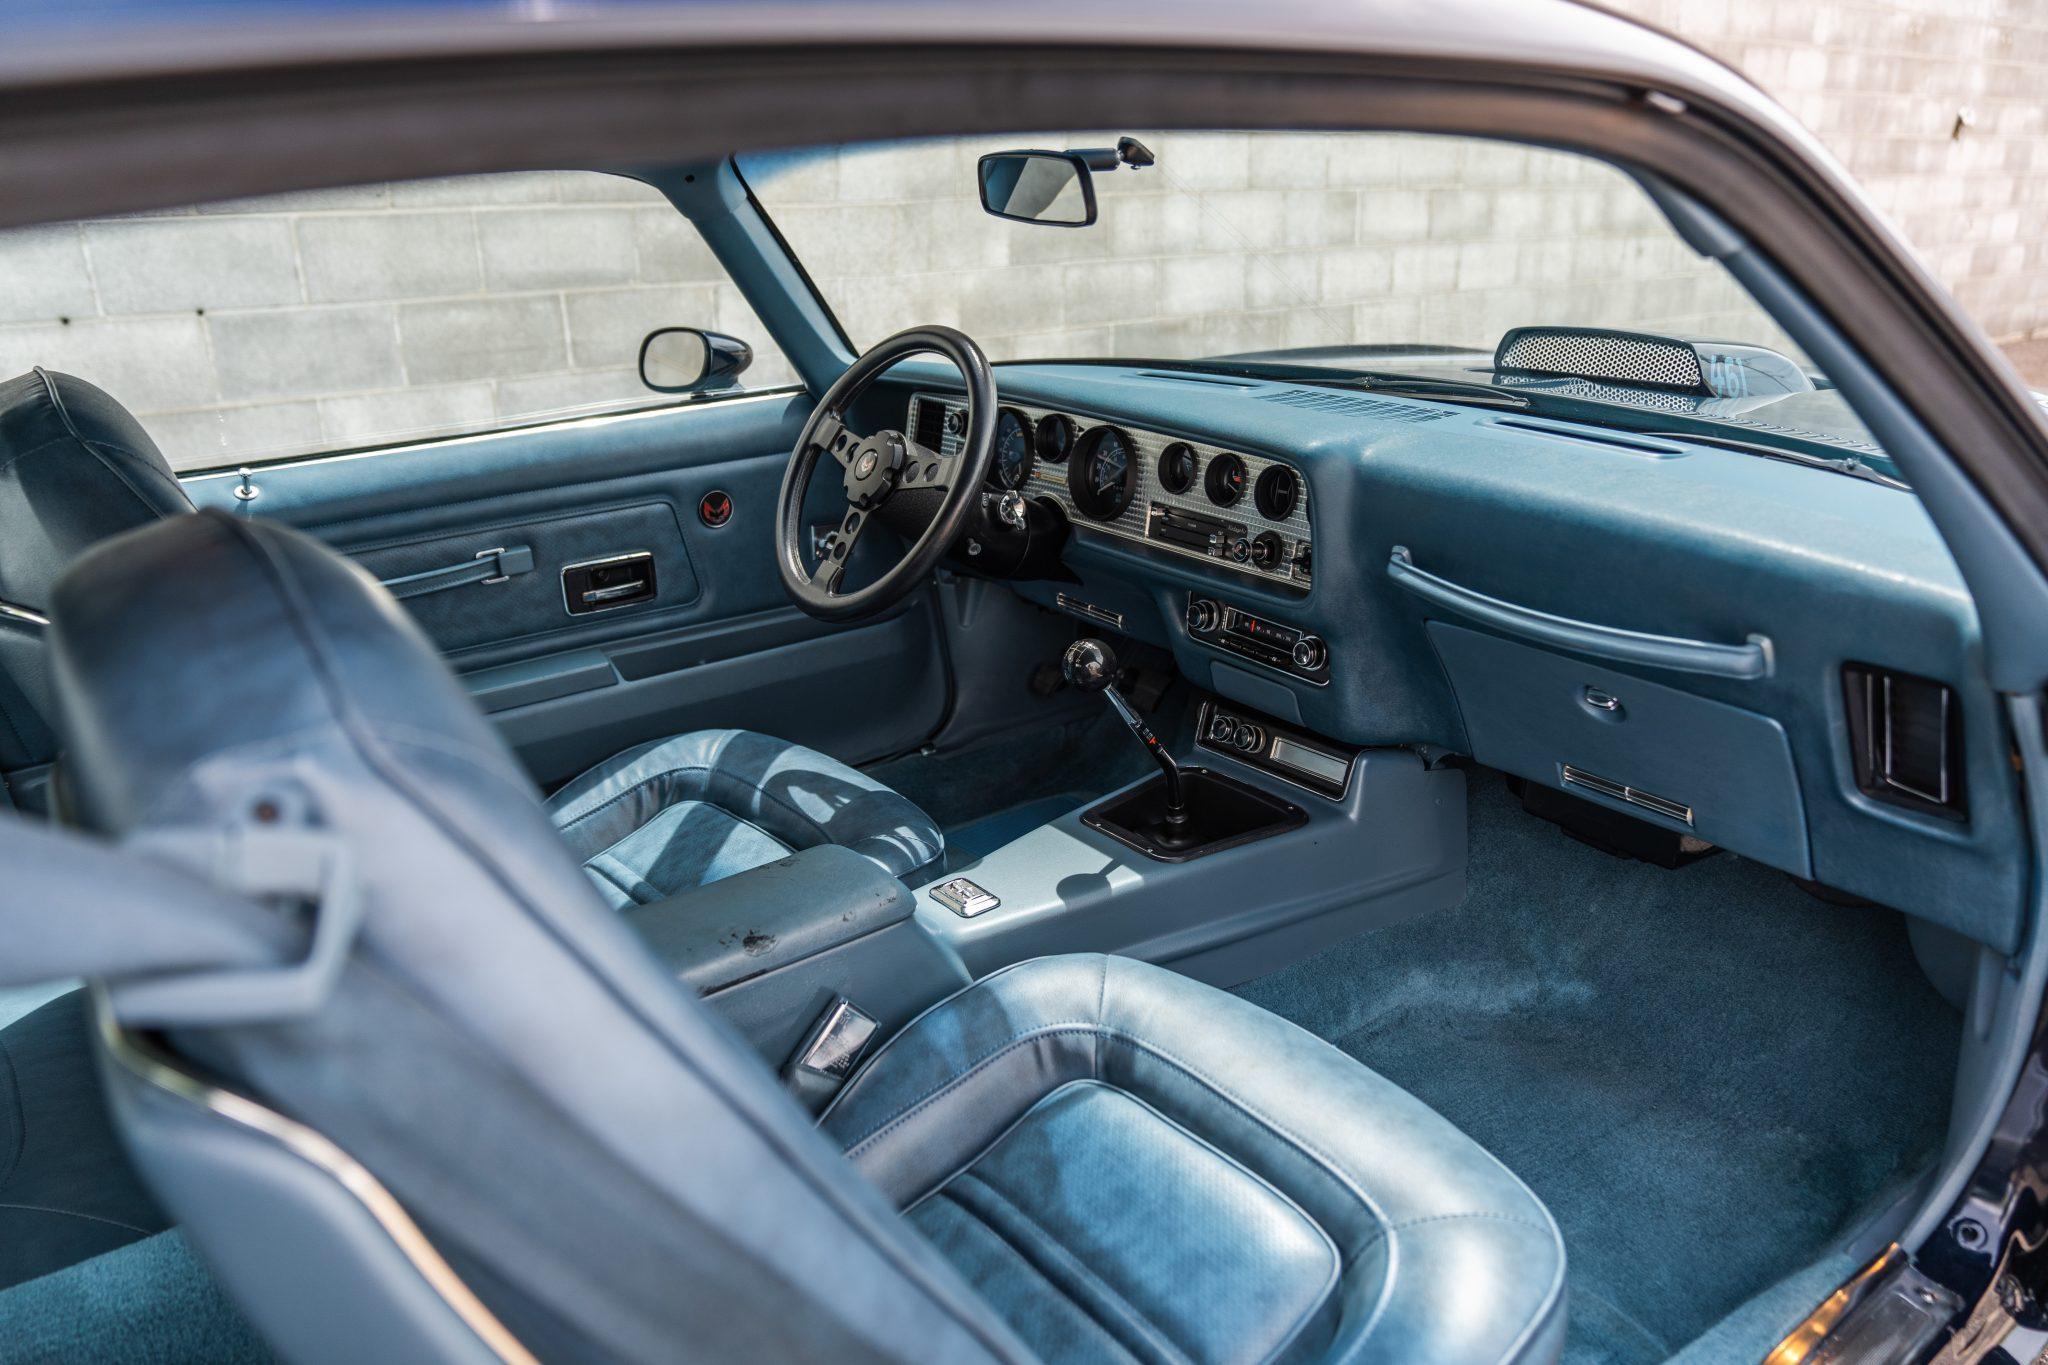 1975 Pontiac Trans Am Interior